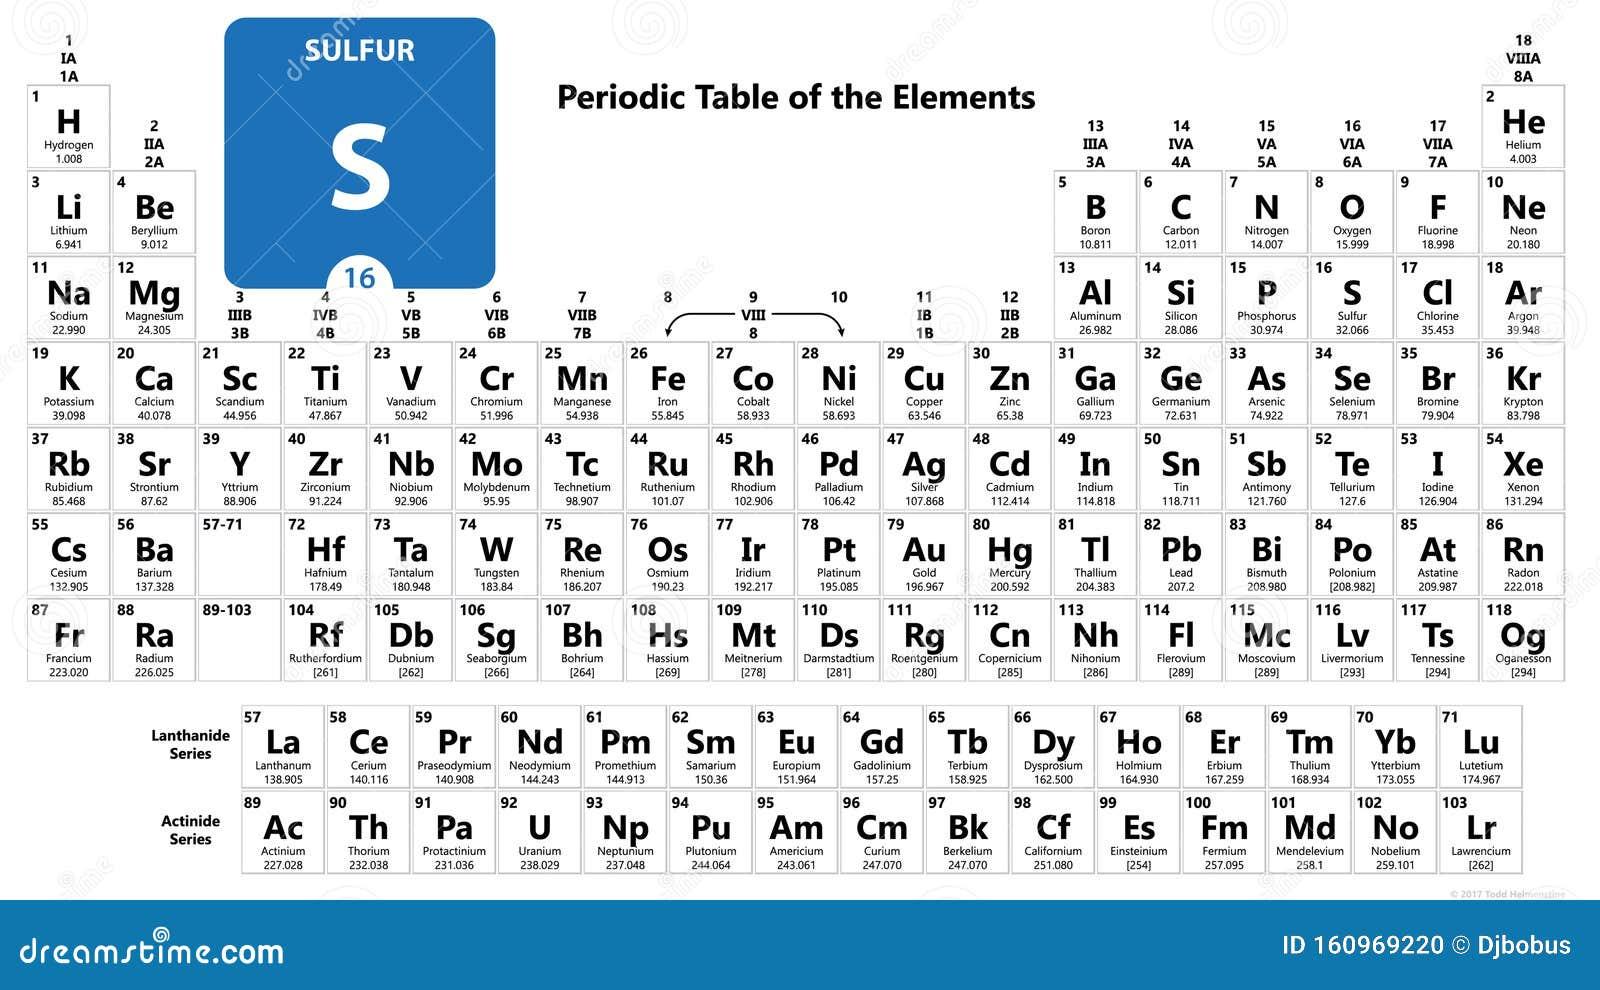 Element Chimique Sulfure S Signe De Soufre Avec Numero Atomique Element Chimique 16 Du Tableau Periodique Tableau Periodique Des Illustration Stock Illustration Du Chimique Numero 160969220